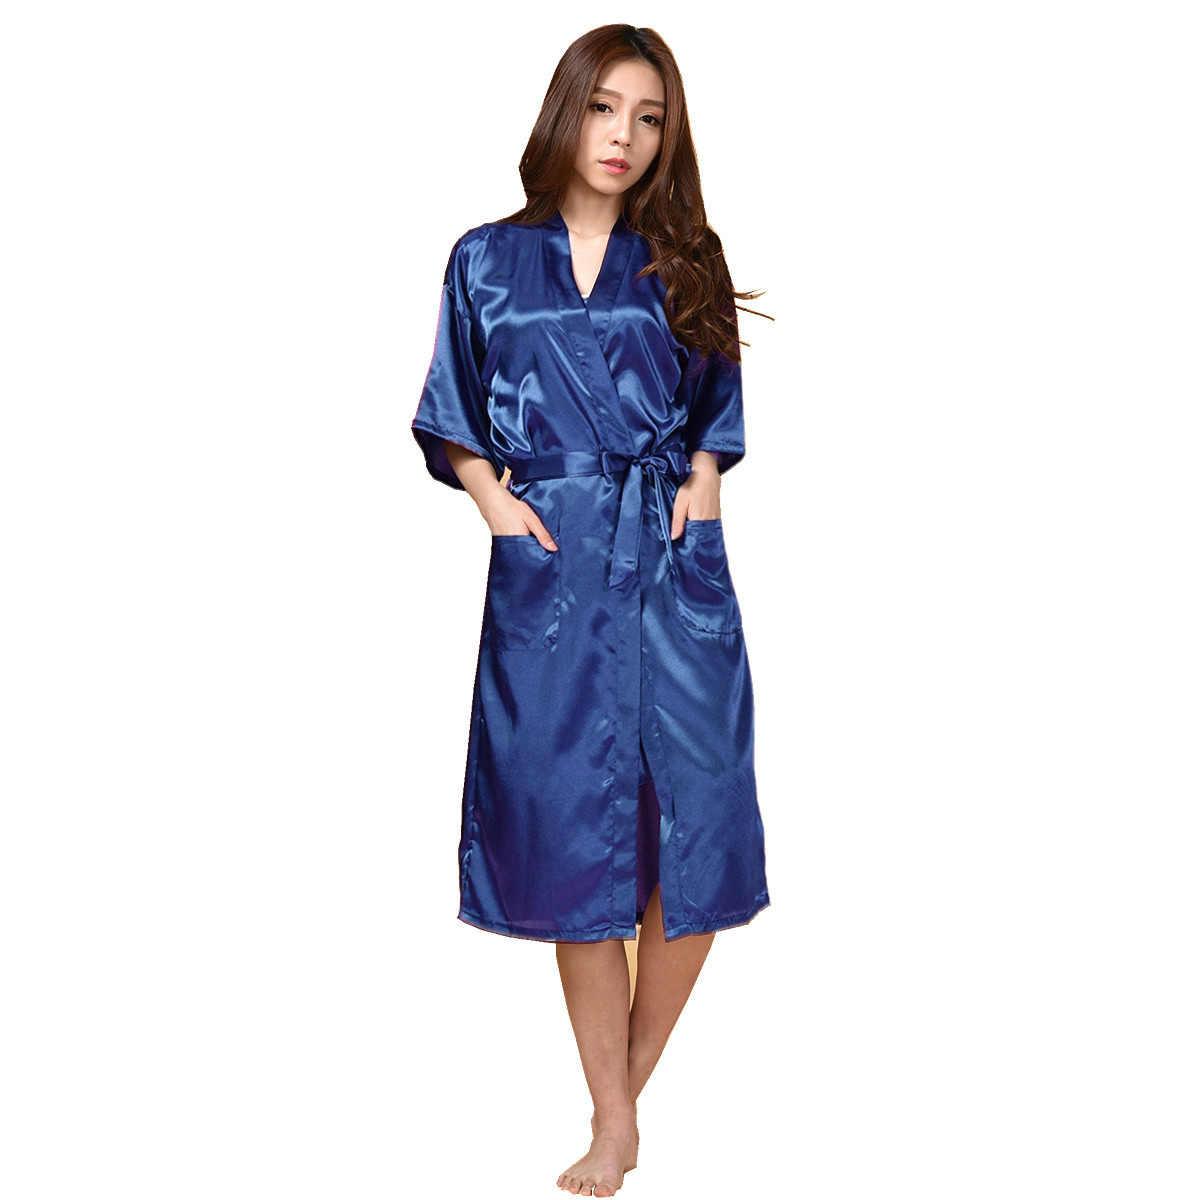 ホワイト中国の女性のローブ着物フェイクシルクガウンバスローブナイトガウンカジュアル春パジャマ Hombre スパースターサイズ S-XXXL